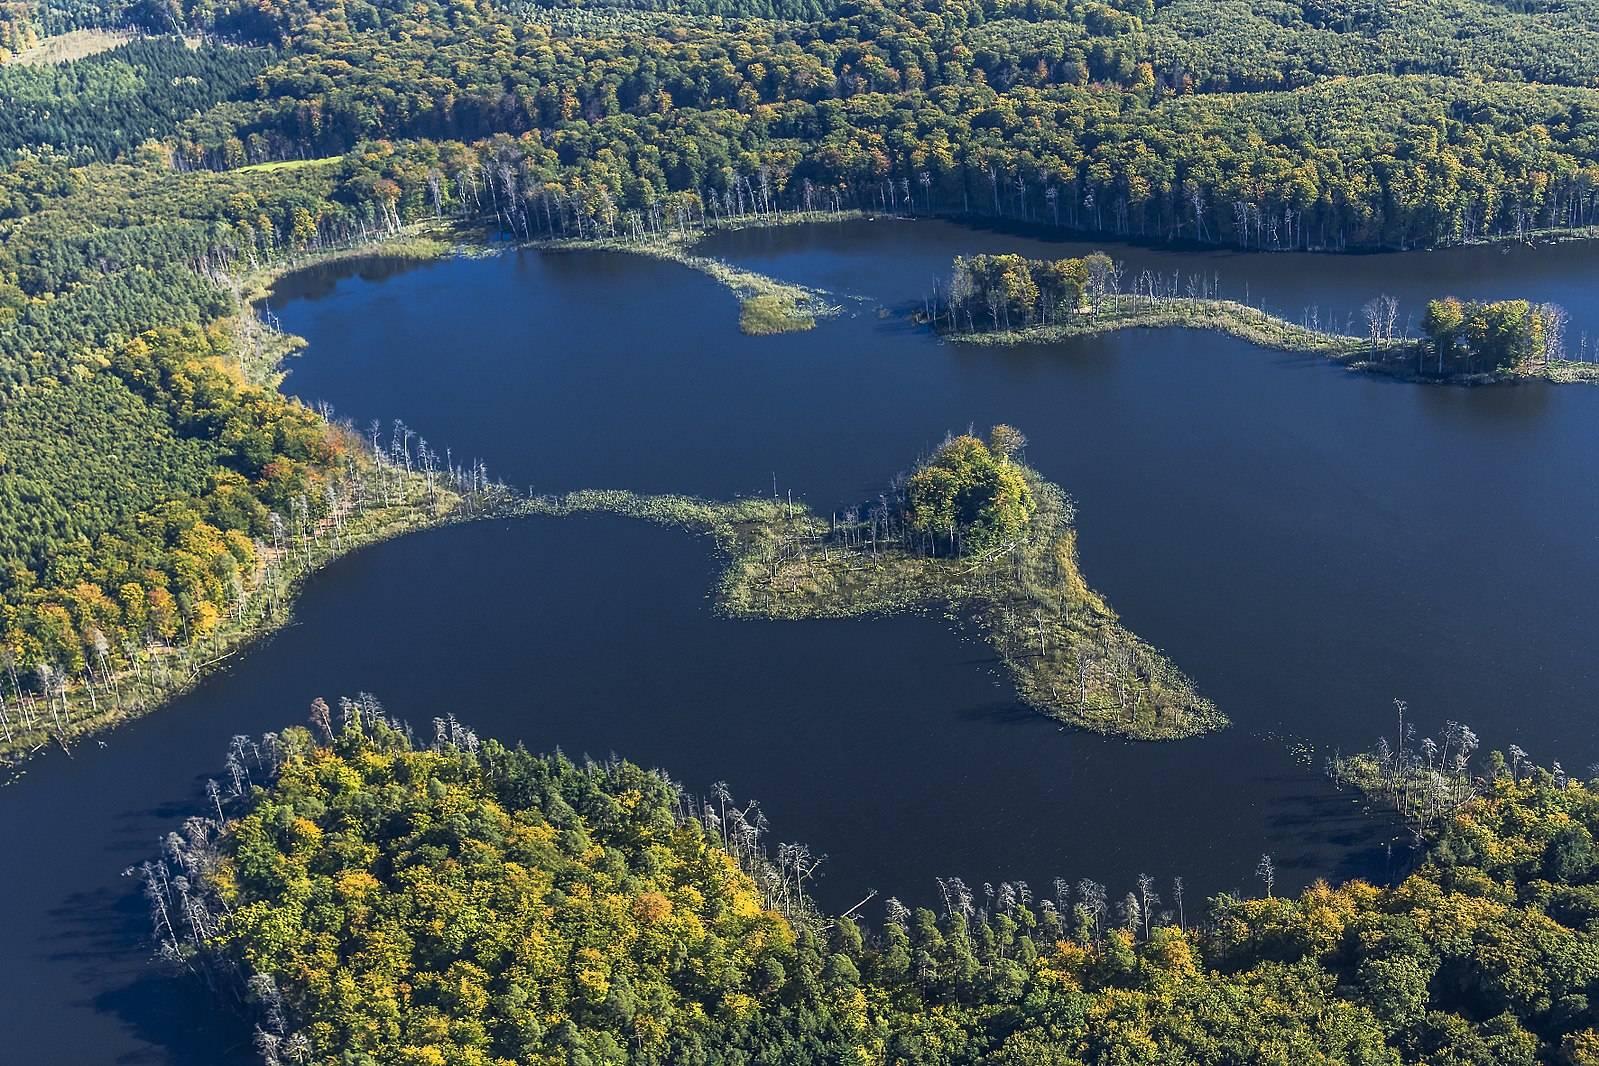 Расстояние озеро-мюриц-германия → москва: по воздуху, за рулем, середина